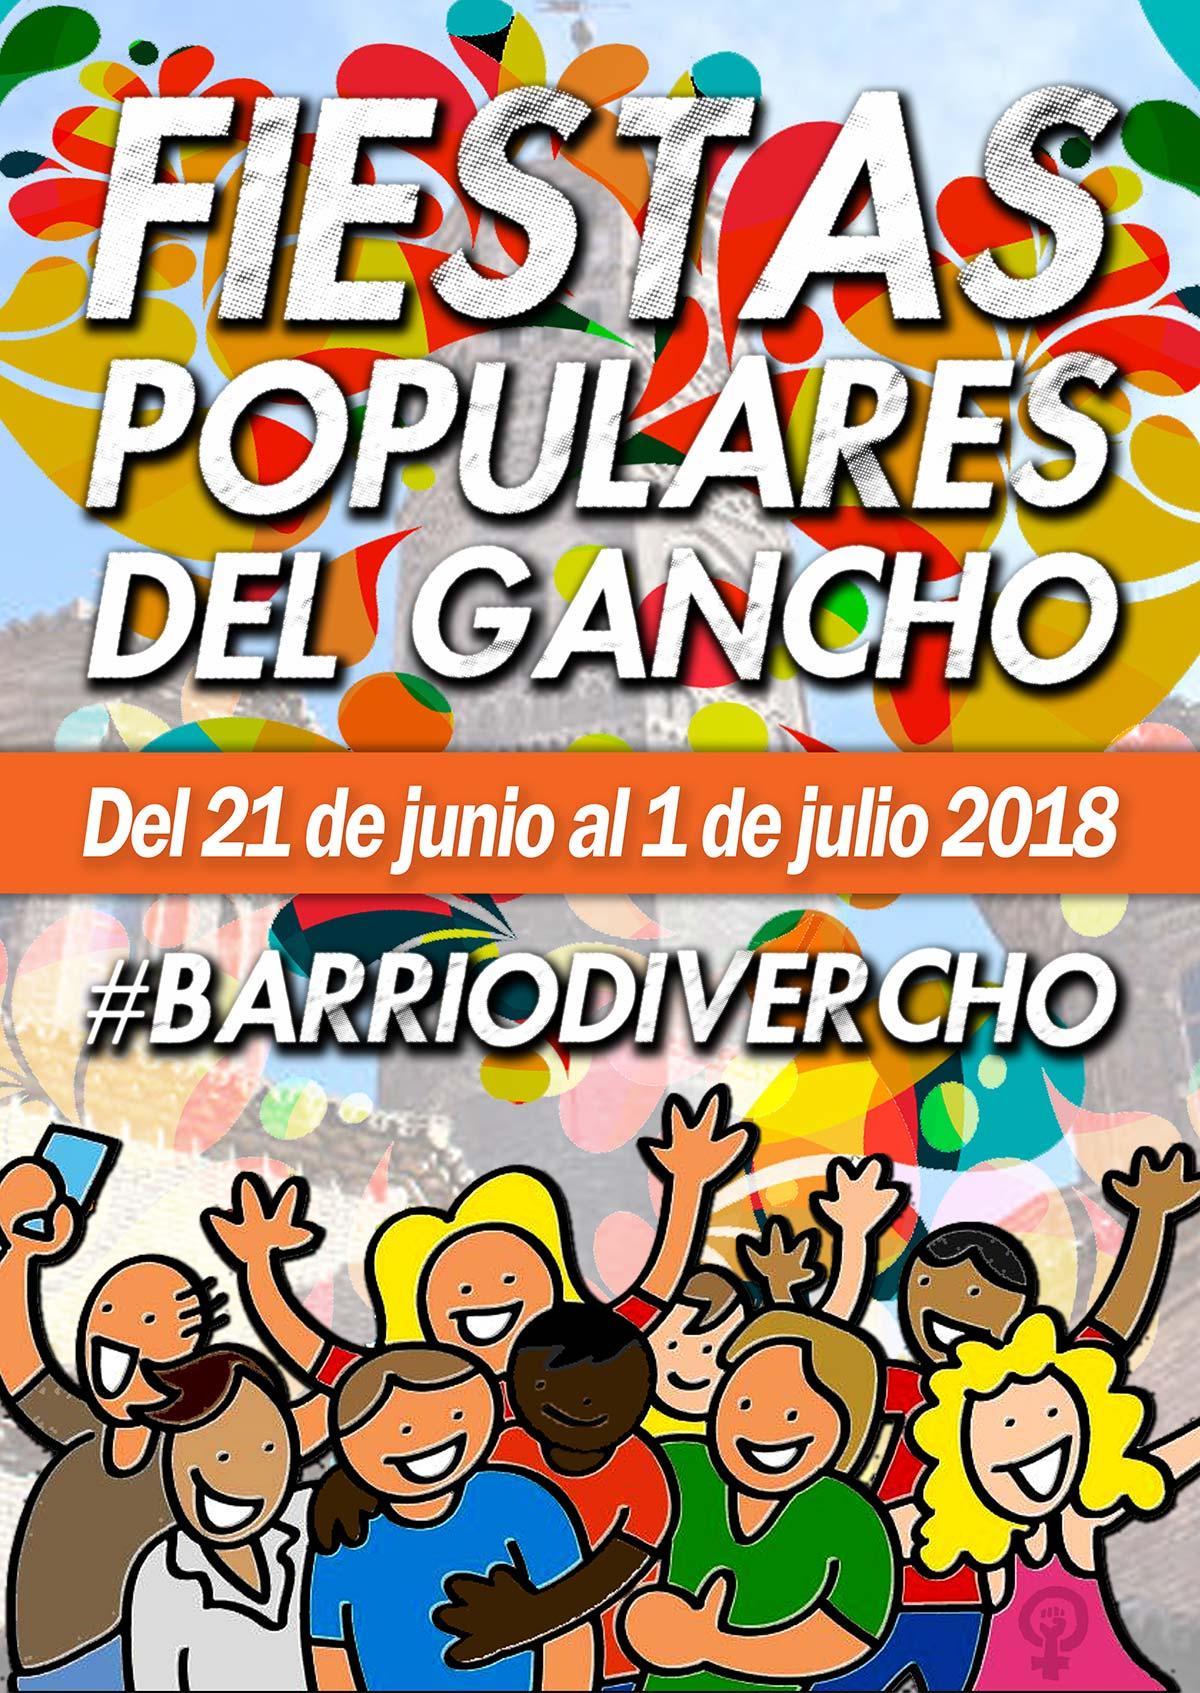 Fiestas Populares del Gancho 2018 #BarrioDivercho